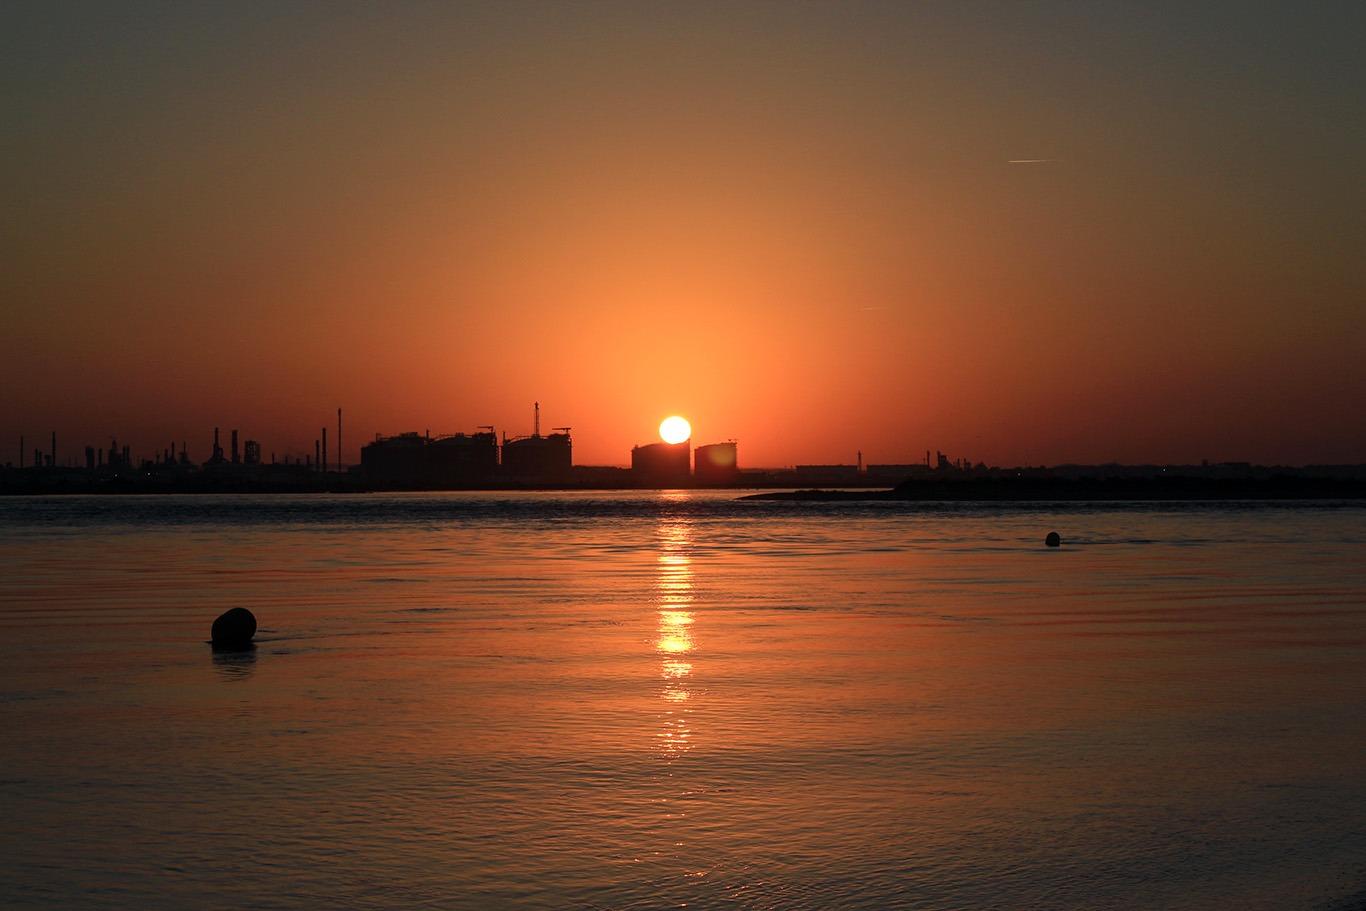 Захід сонця у Пунта Умбріа (Іспанія). Зображення до статті